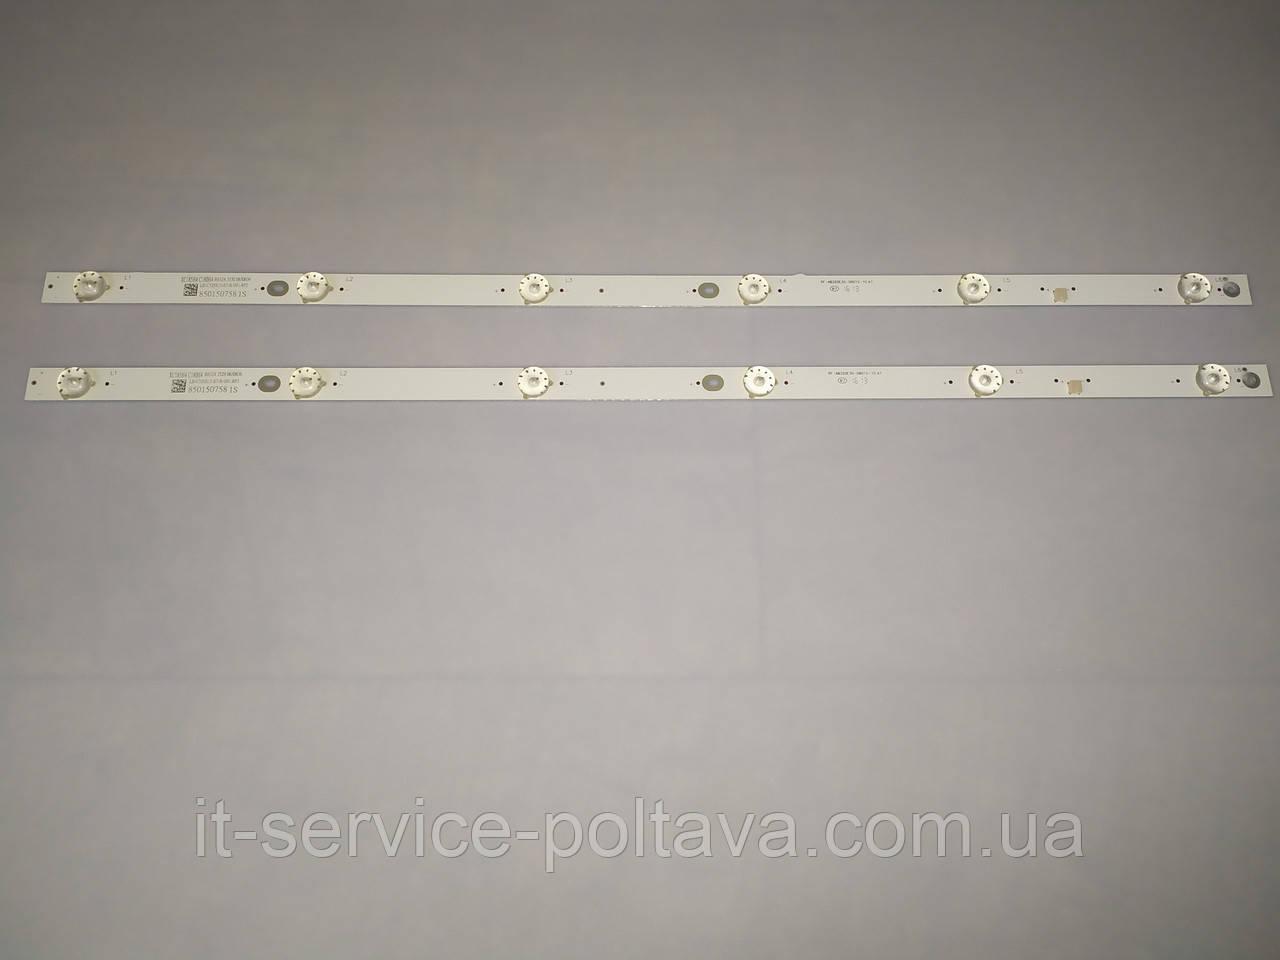 LED підсвічування LB-C320X15-E7-H-G01-RF2 (RF-AB320E30-0601S-10 A7) для телевізора  Bravis